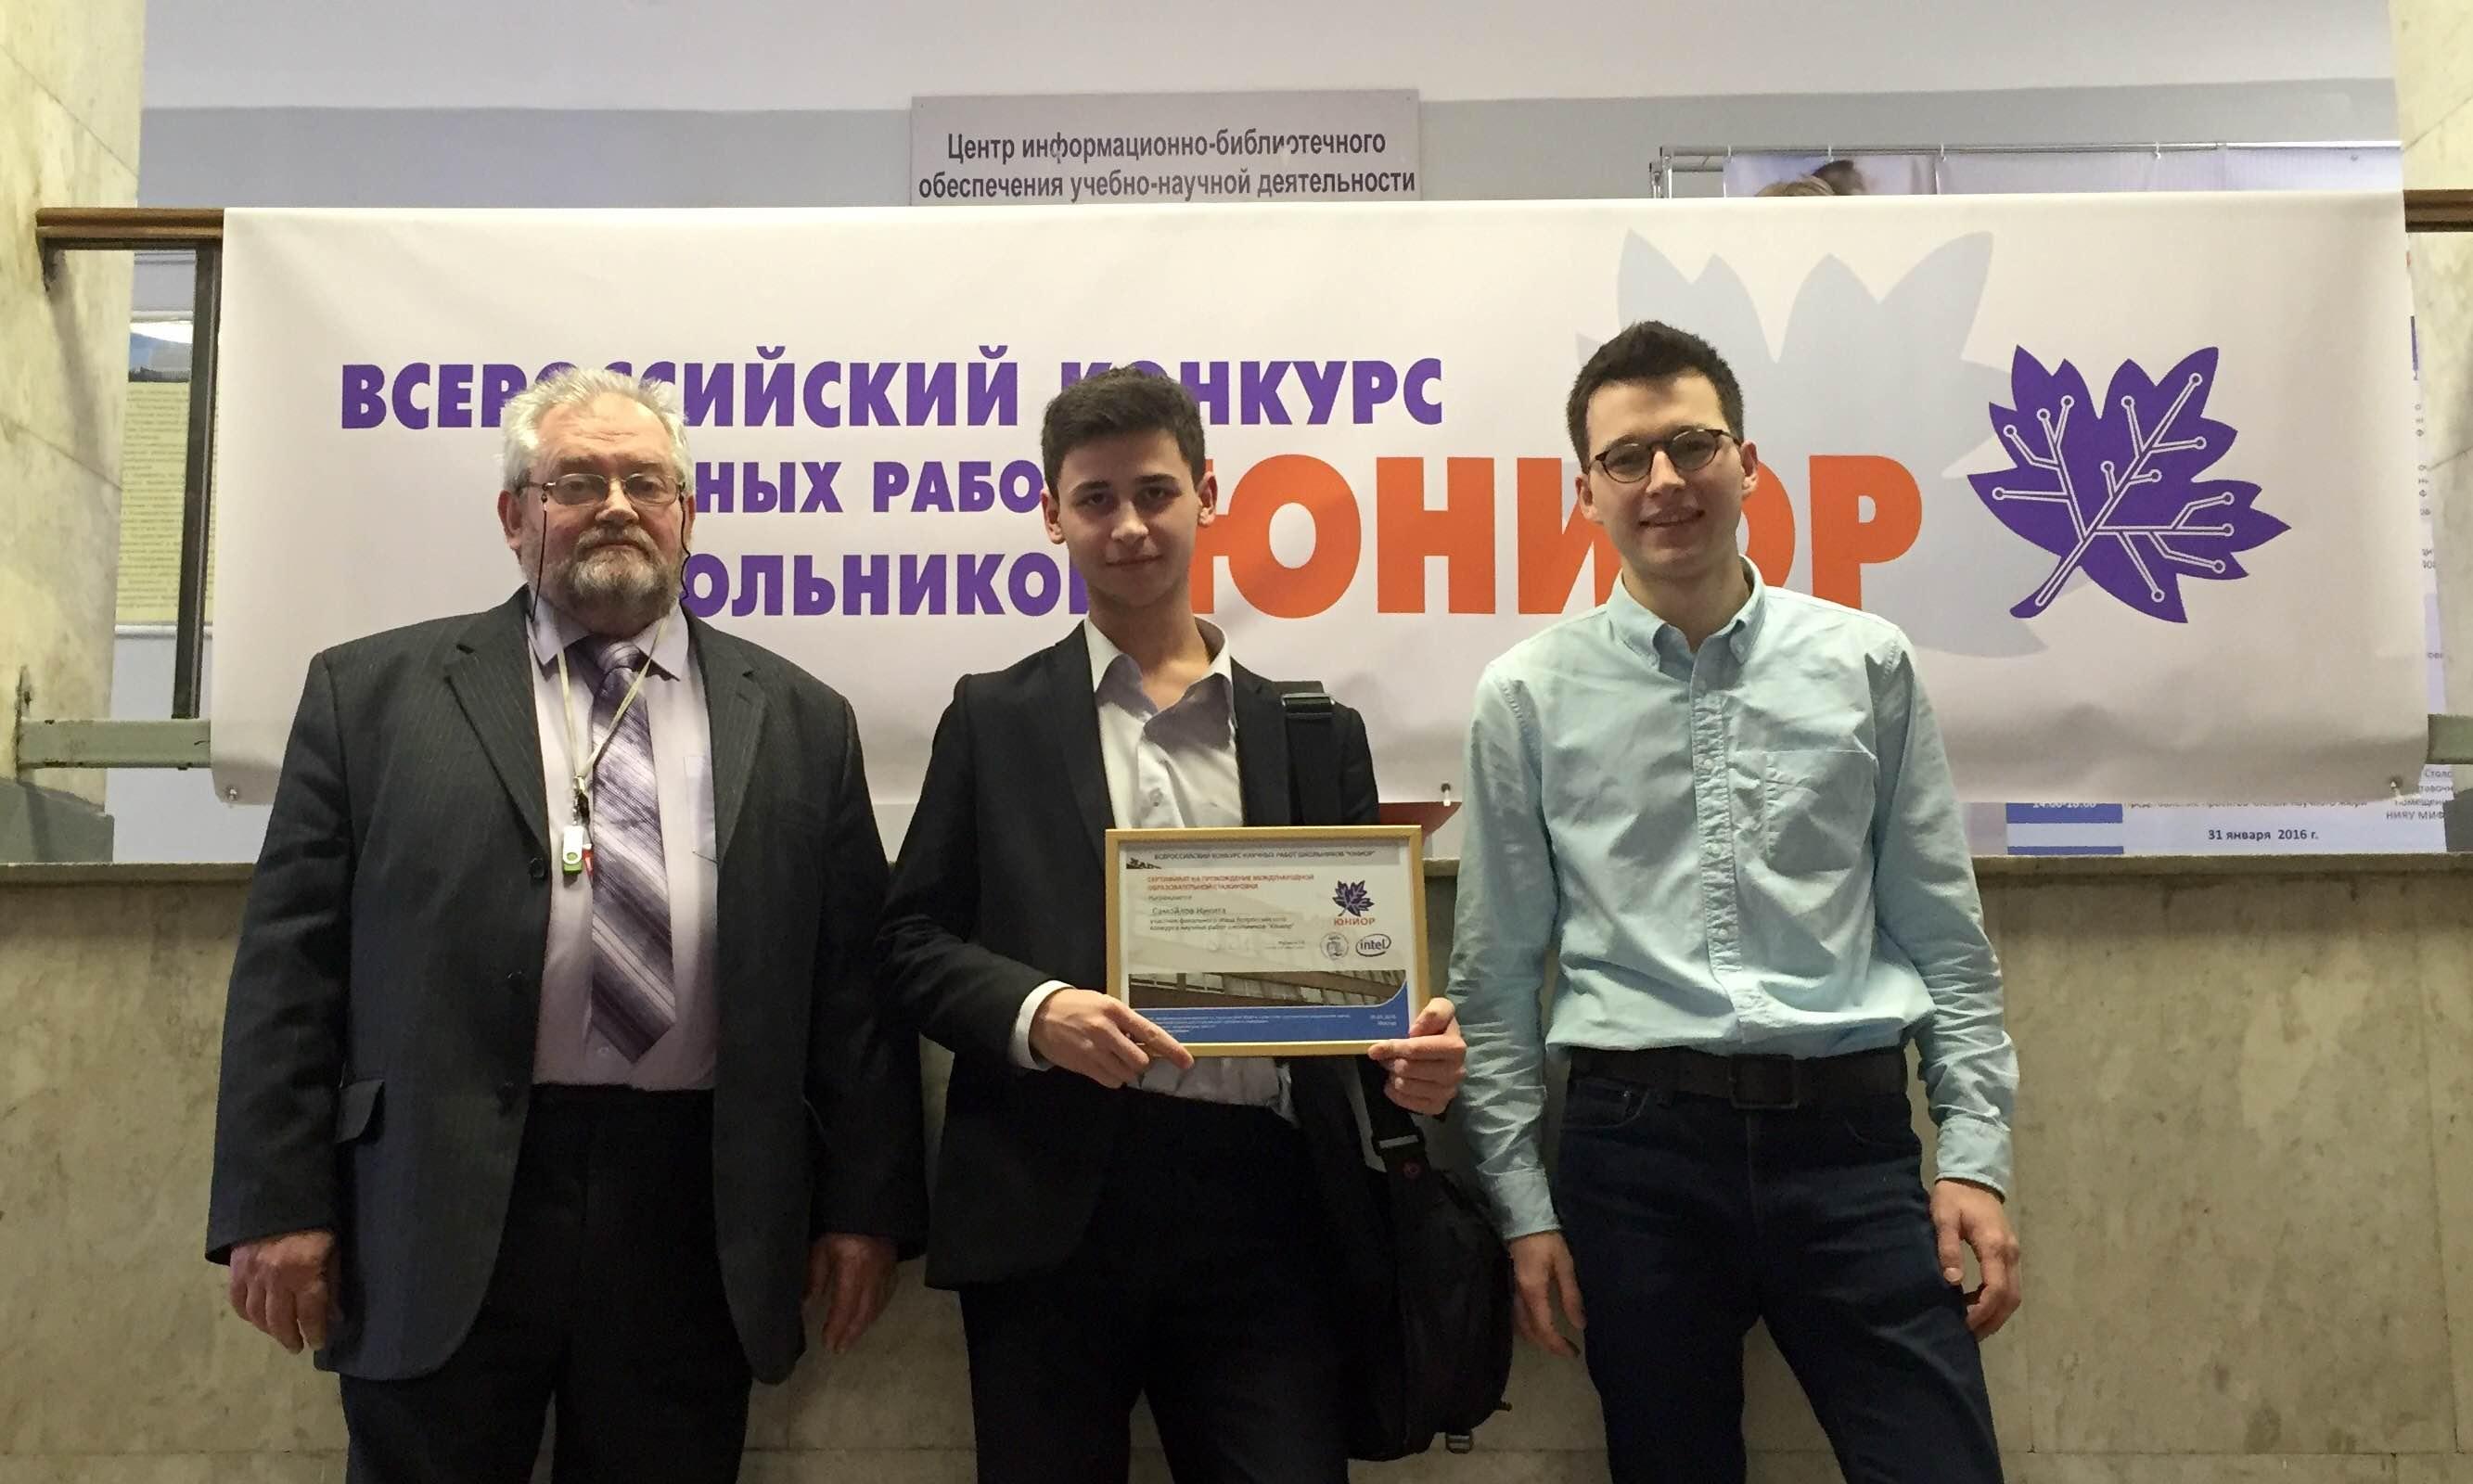 Сертификат на прохождение междунарожной образовательной стажировки у Никиты Самойлова